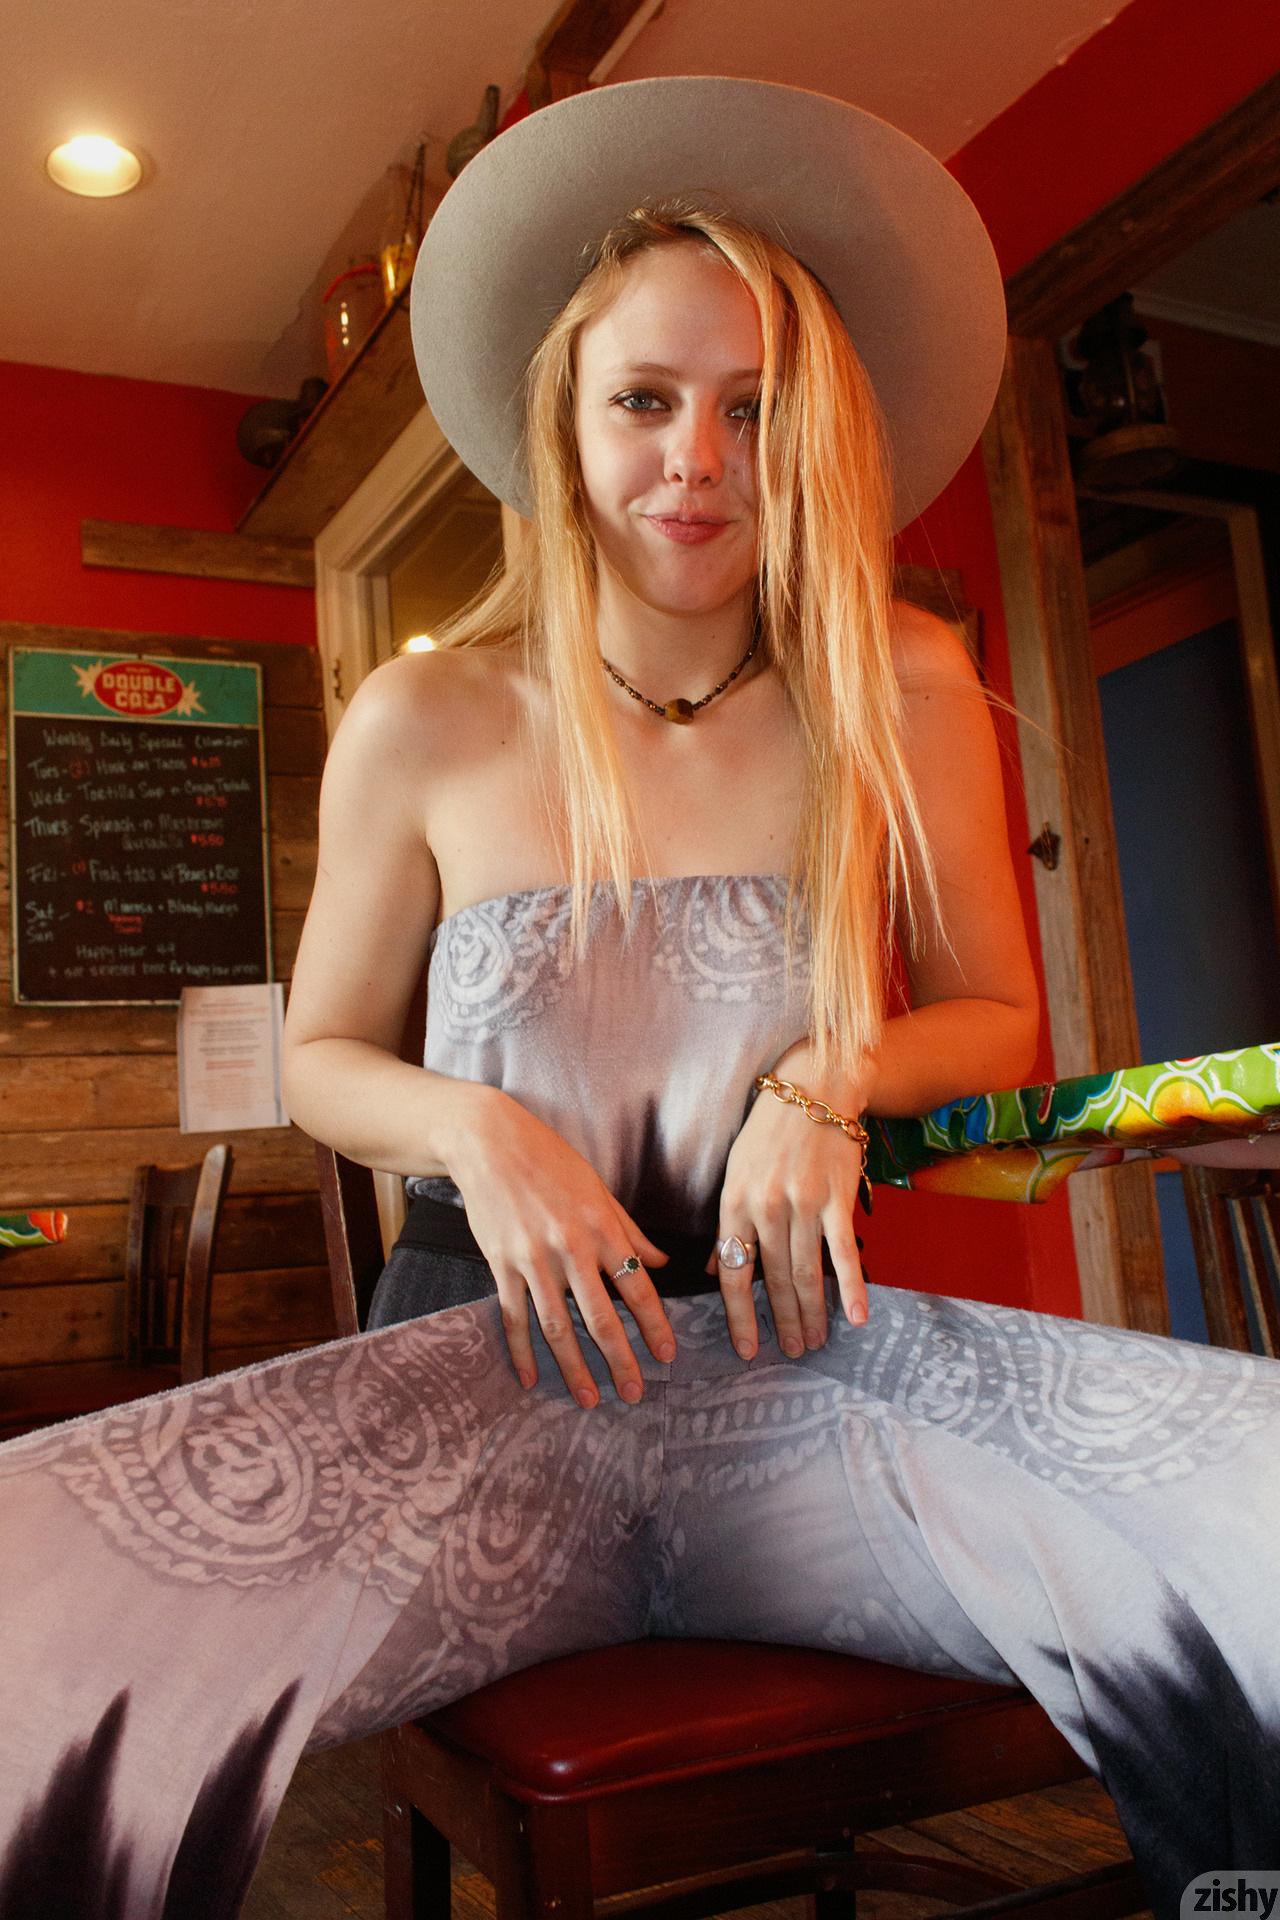 Helen Bergstrom Holy Guacamole Zishy (46)